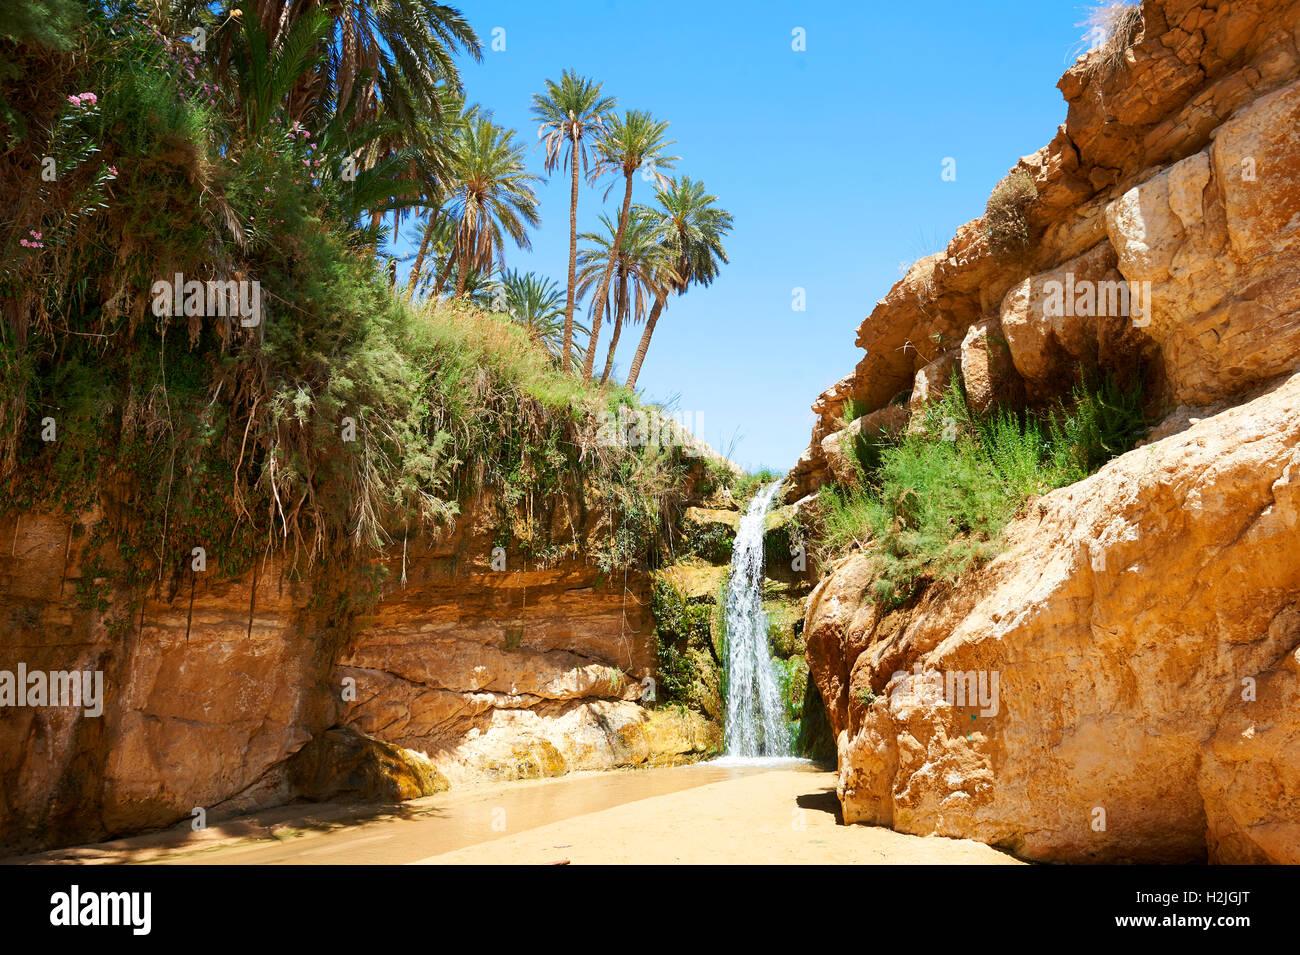 Mides cascade Gorge parmi les dattiers du désert du Sahara oasis de Mides, Tunisie, Afrique du Nord Photo Stock